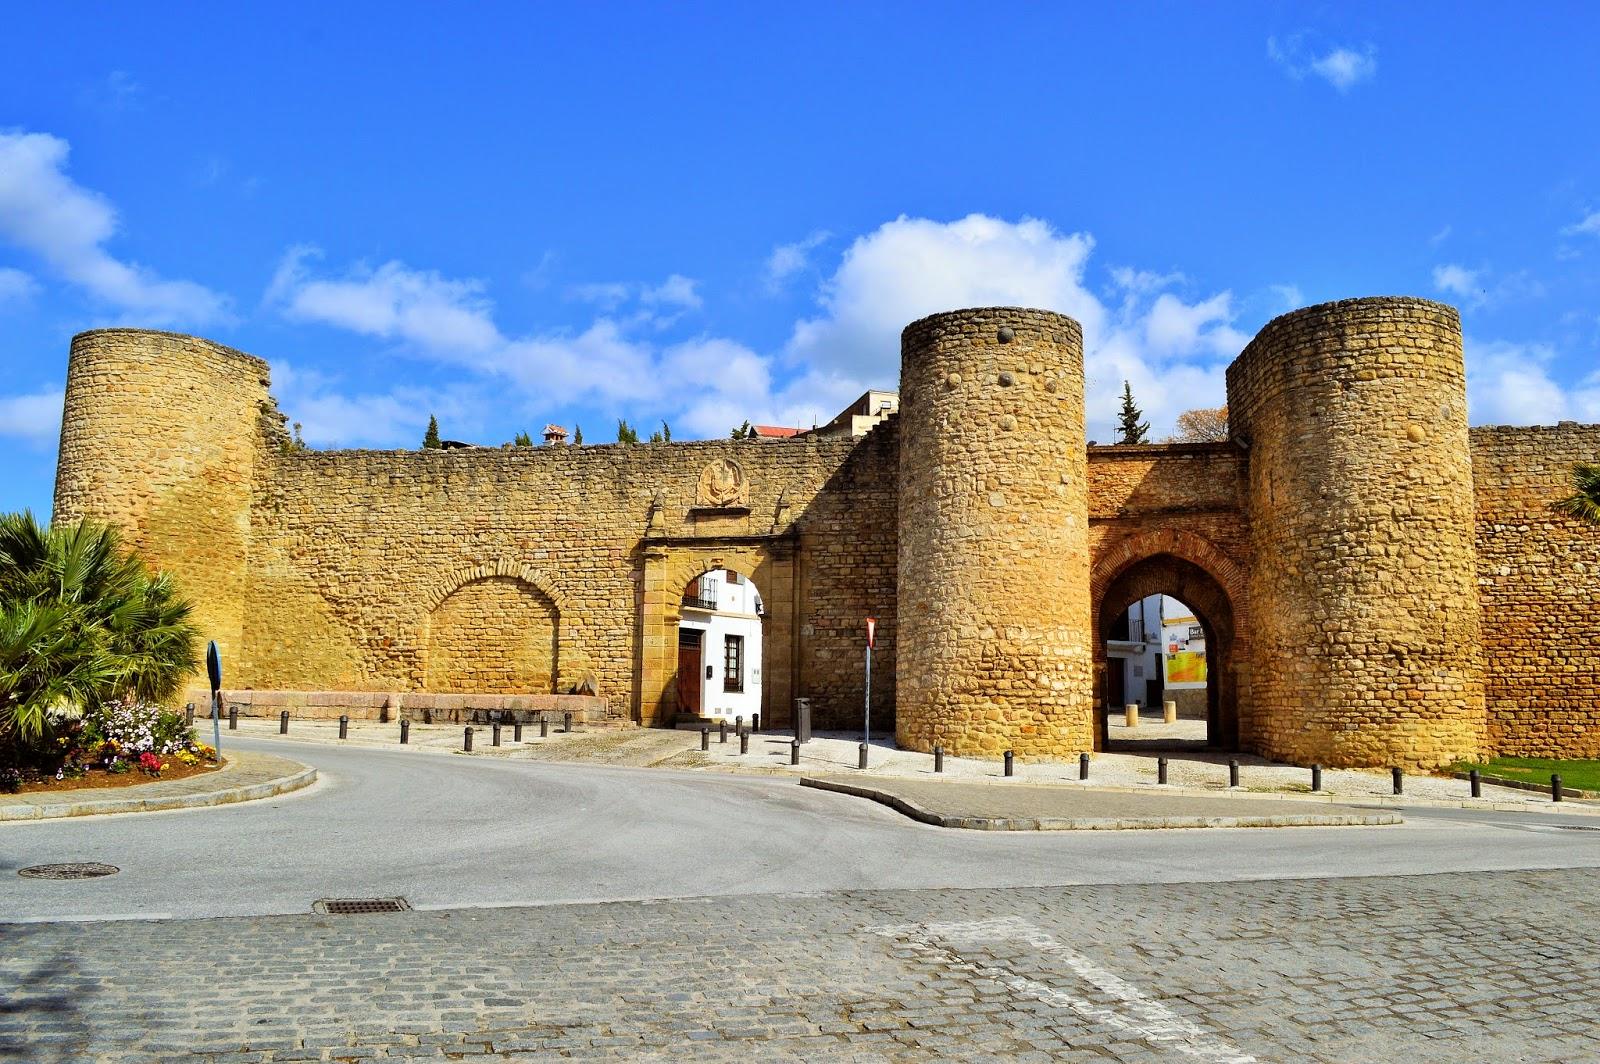 Puerta de Almocábar, Ronda, Spain